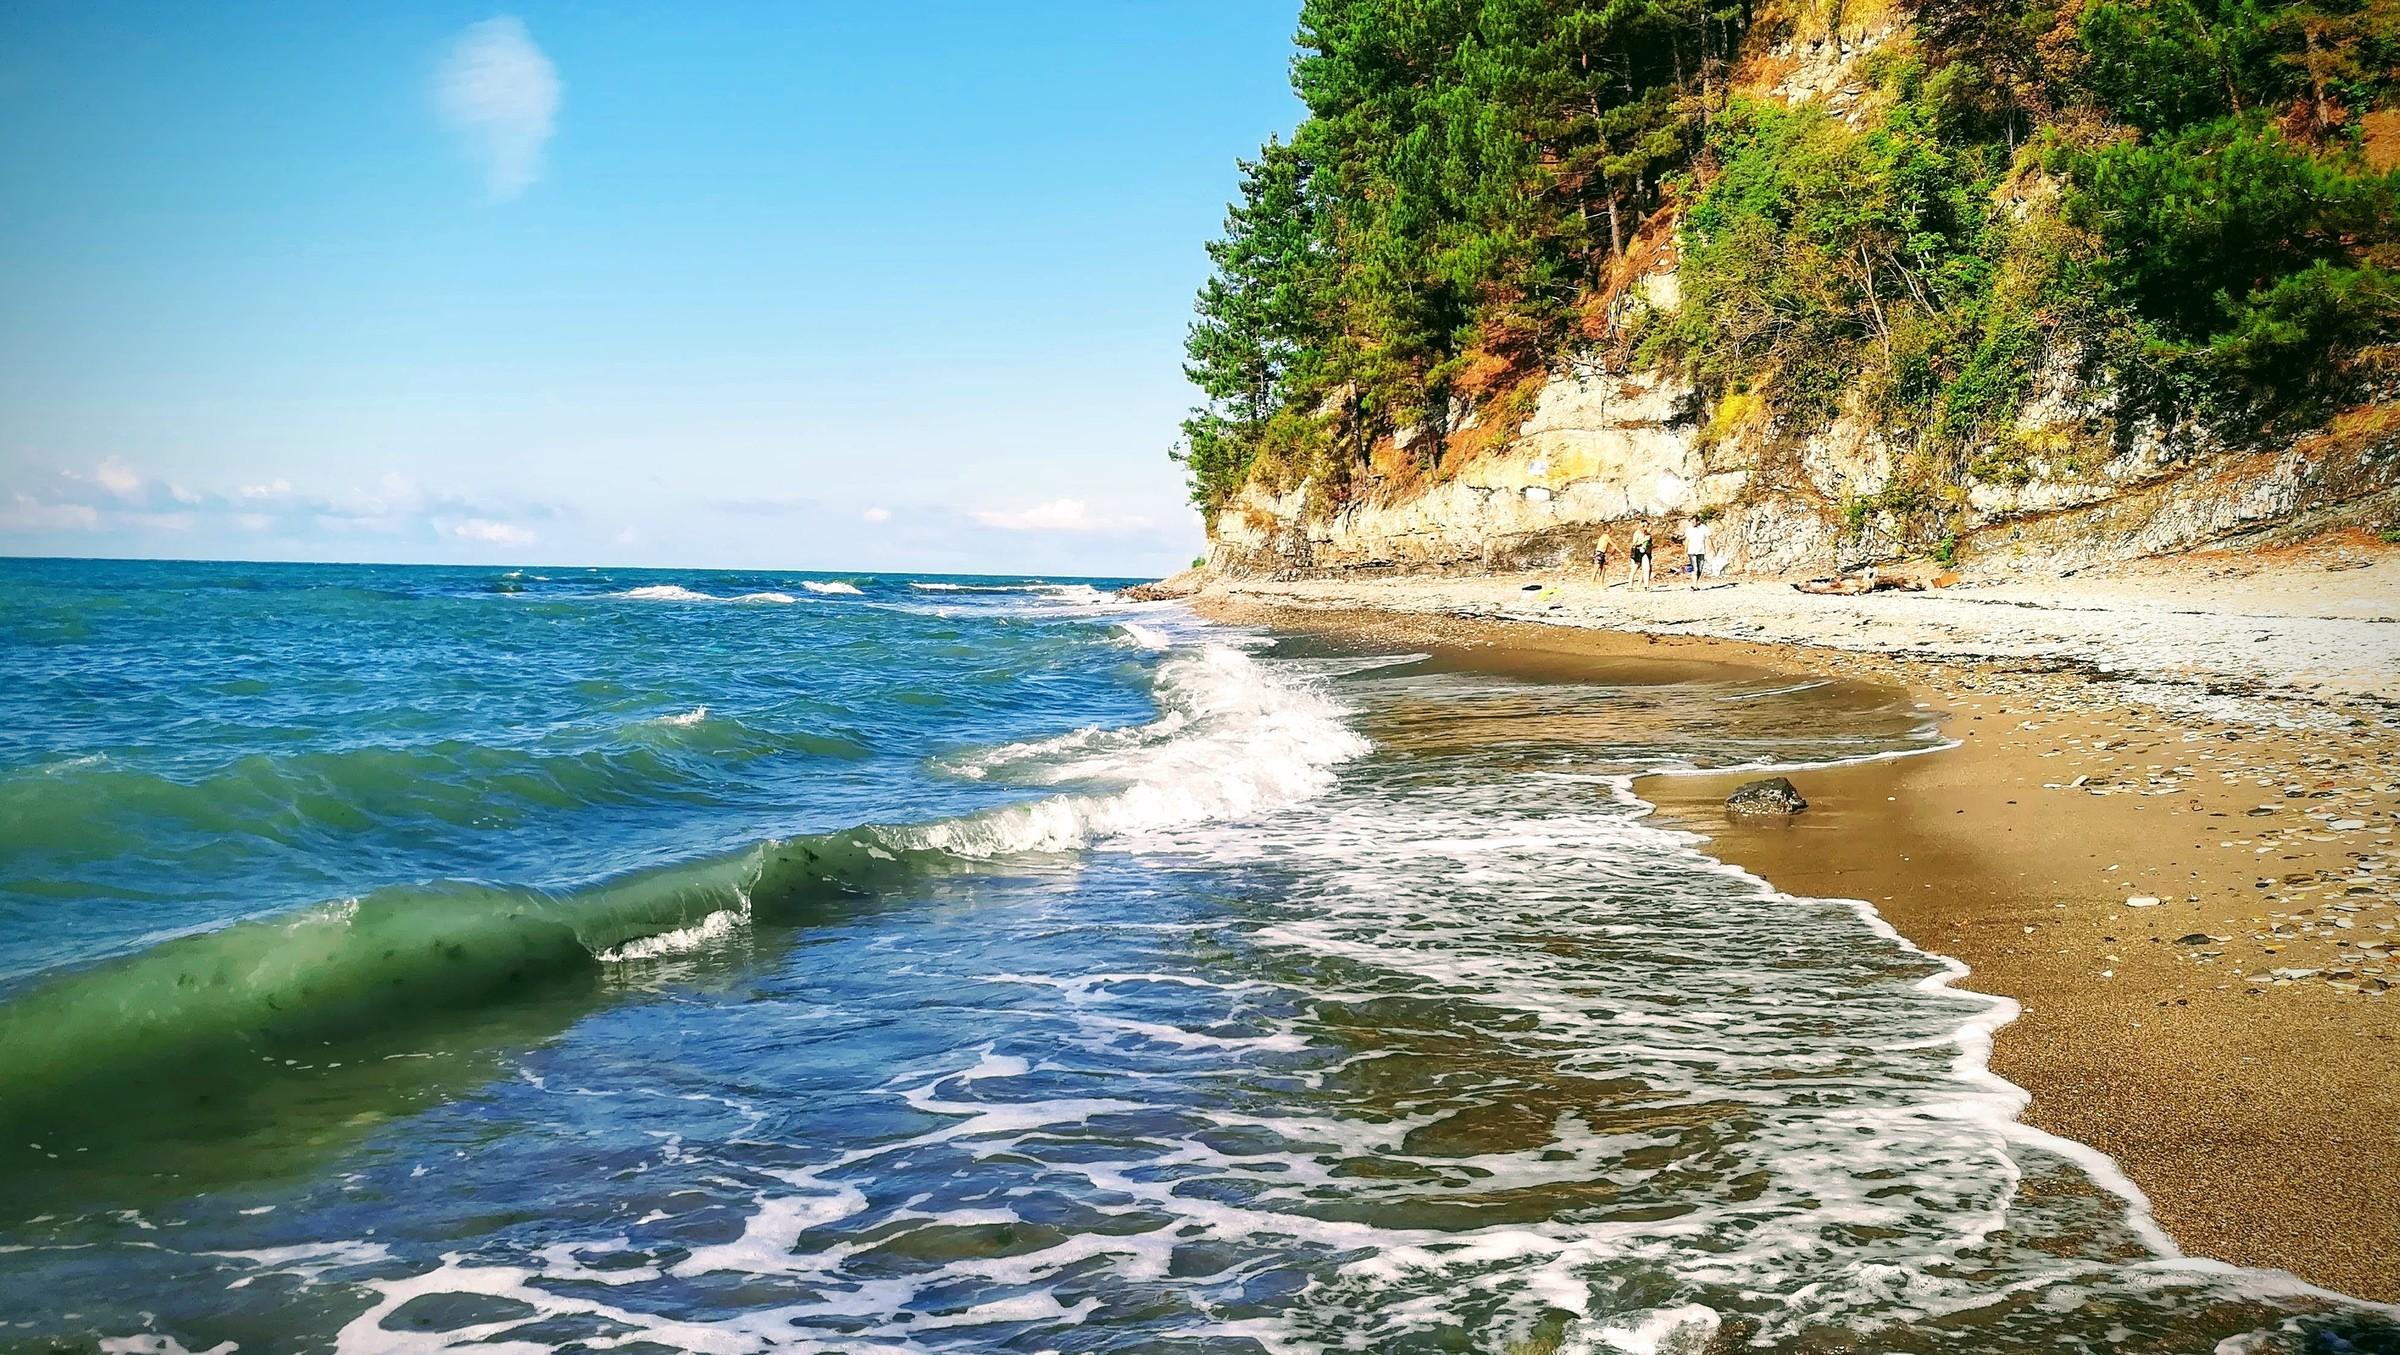 всего салаты туапсе фото моря пляжа довольно комфортна практически